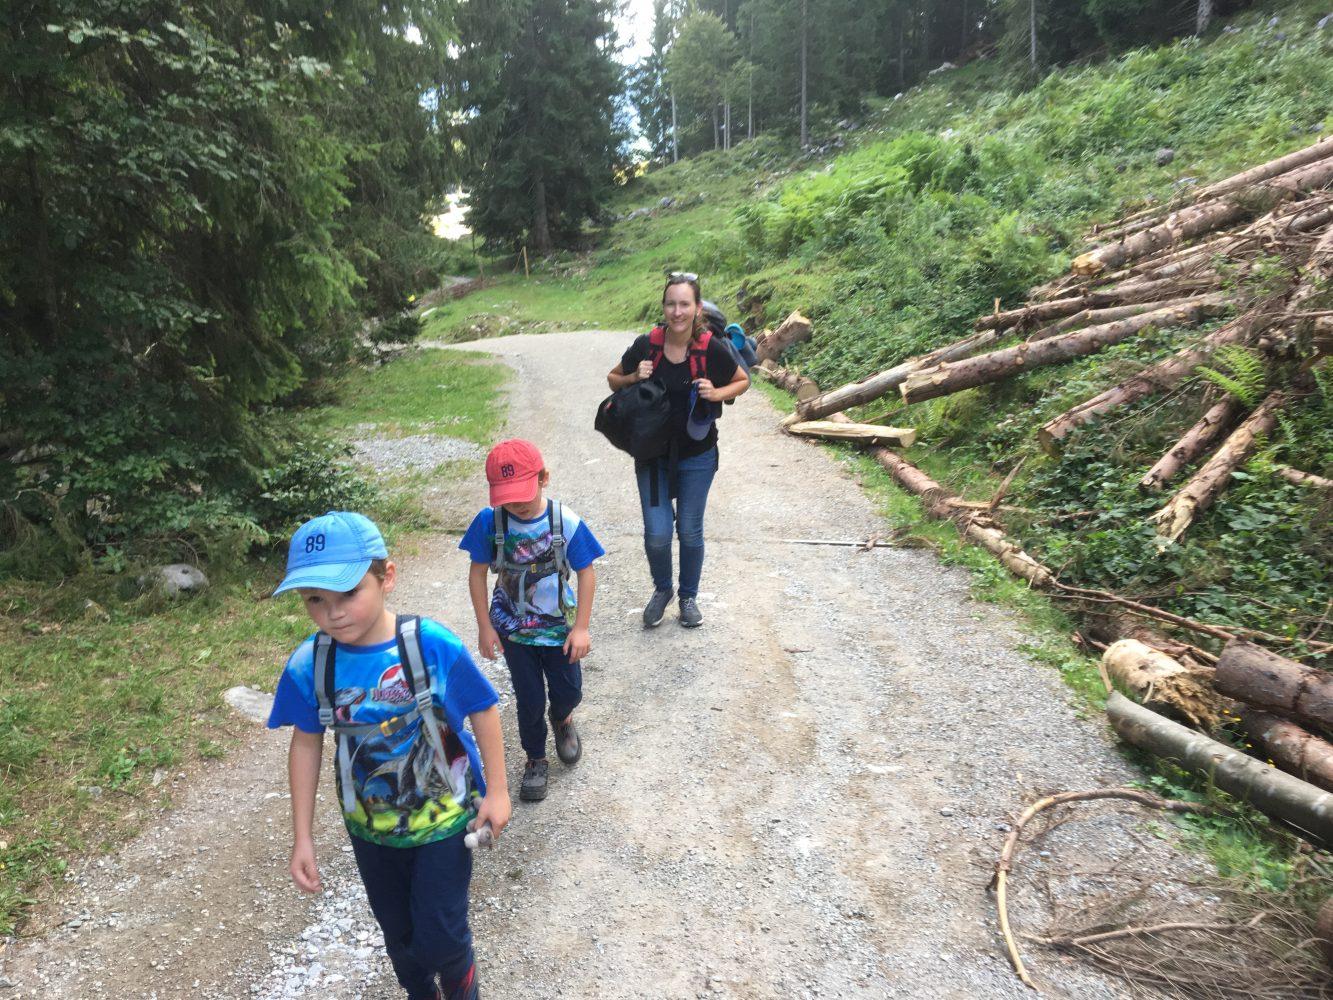 steile Forstwege ohne sichtbares Ziel treffen sehr selten auf Begeisterung